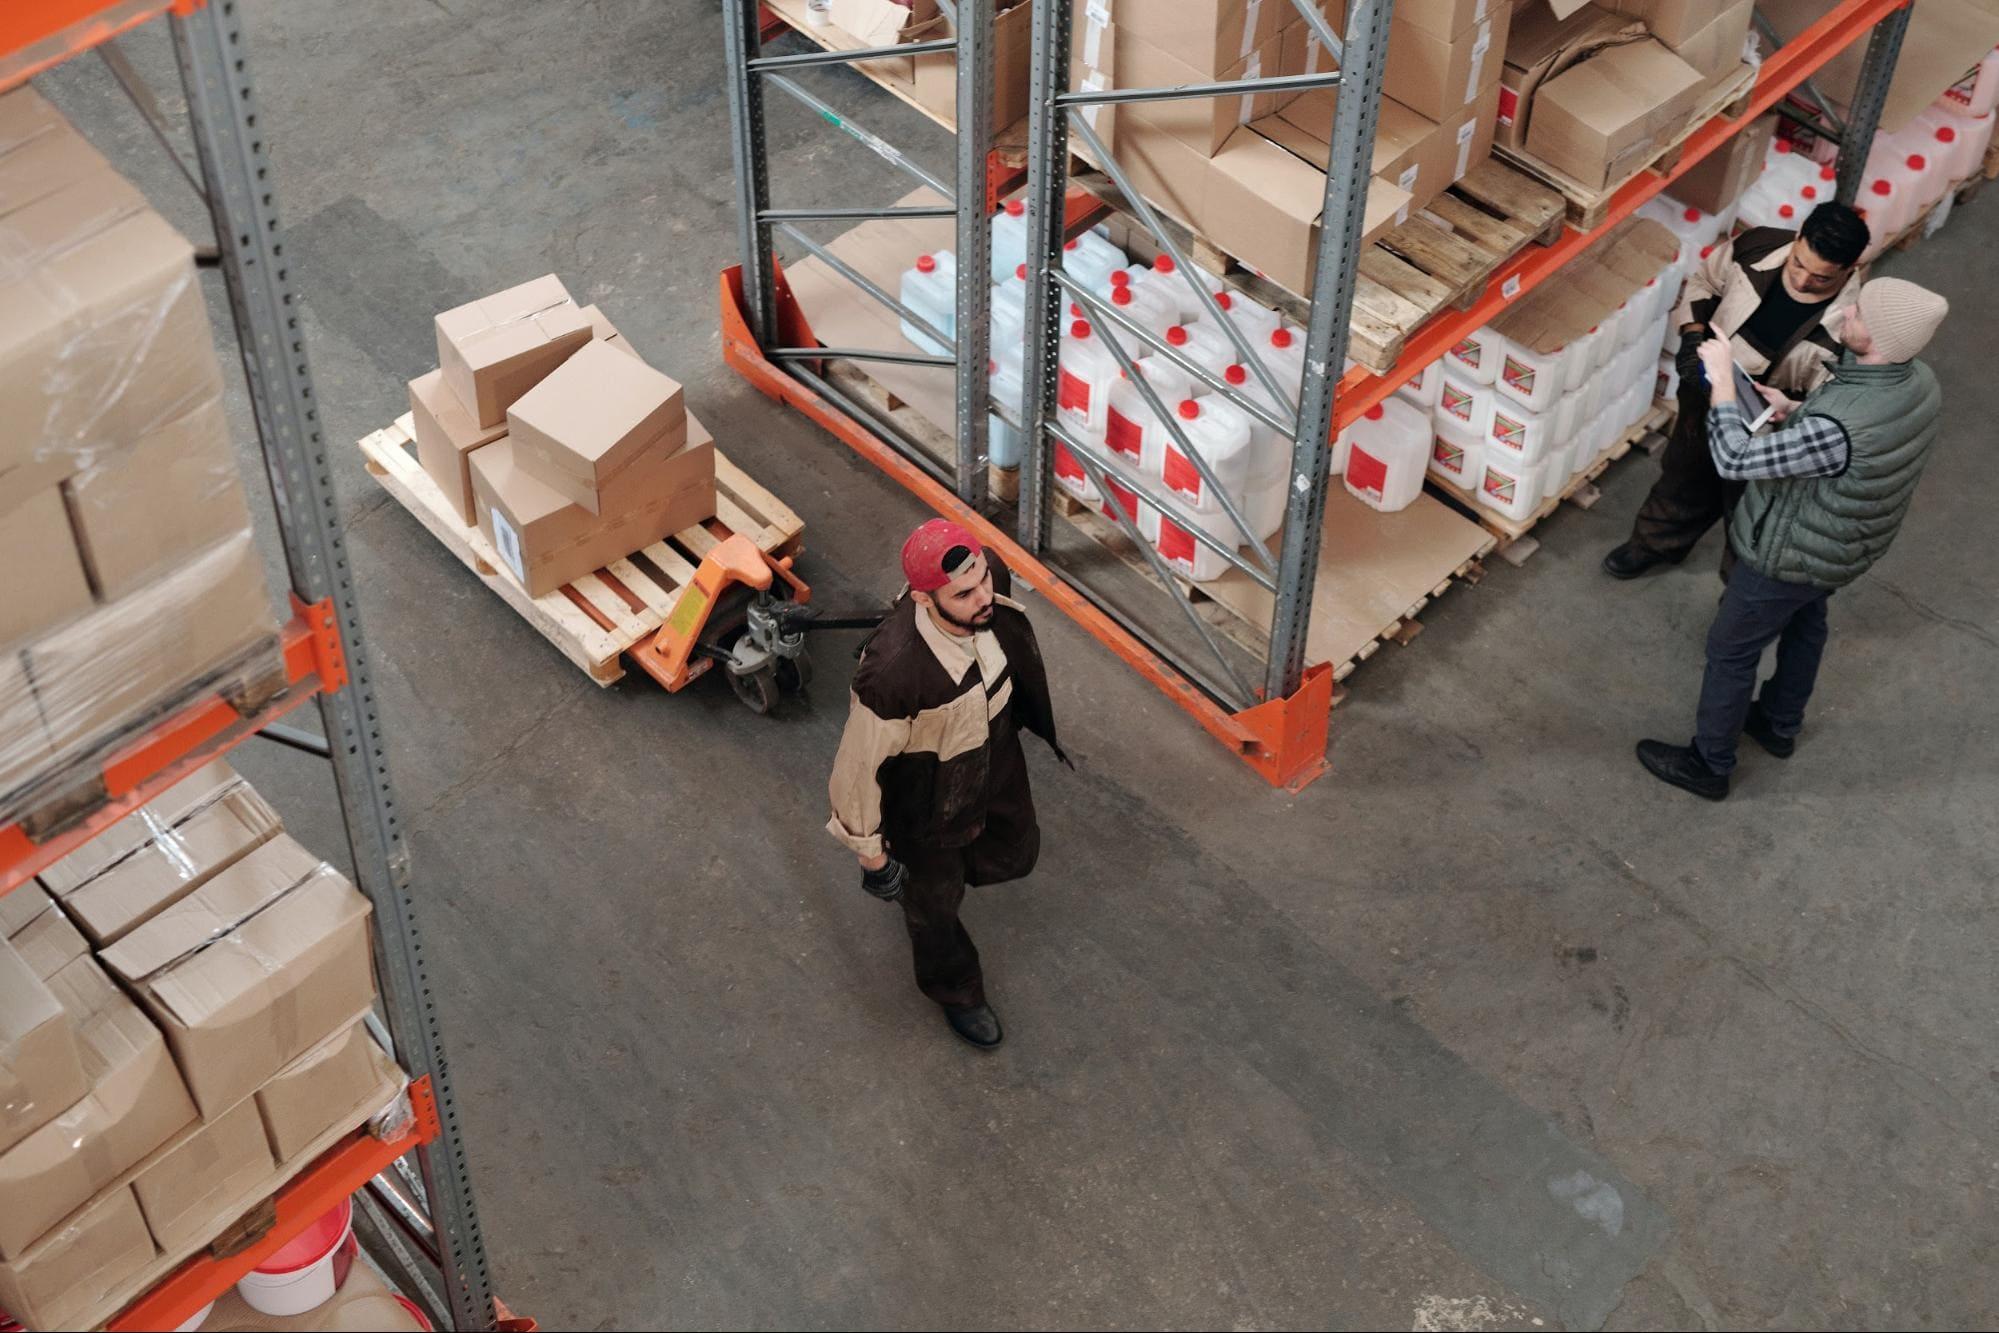 Imagem de um estoque com caixas sendo transportadas em um carrinho de mão